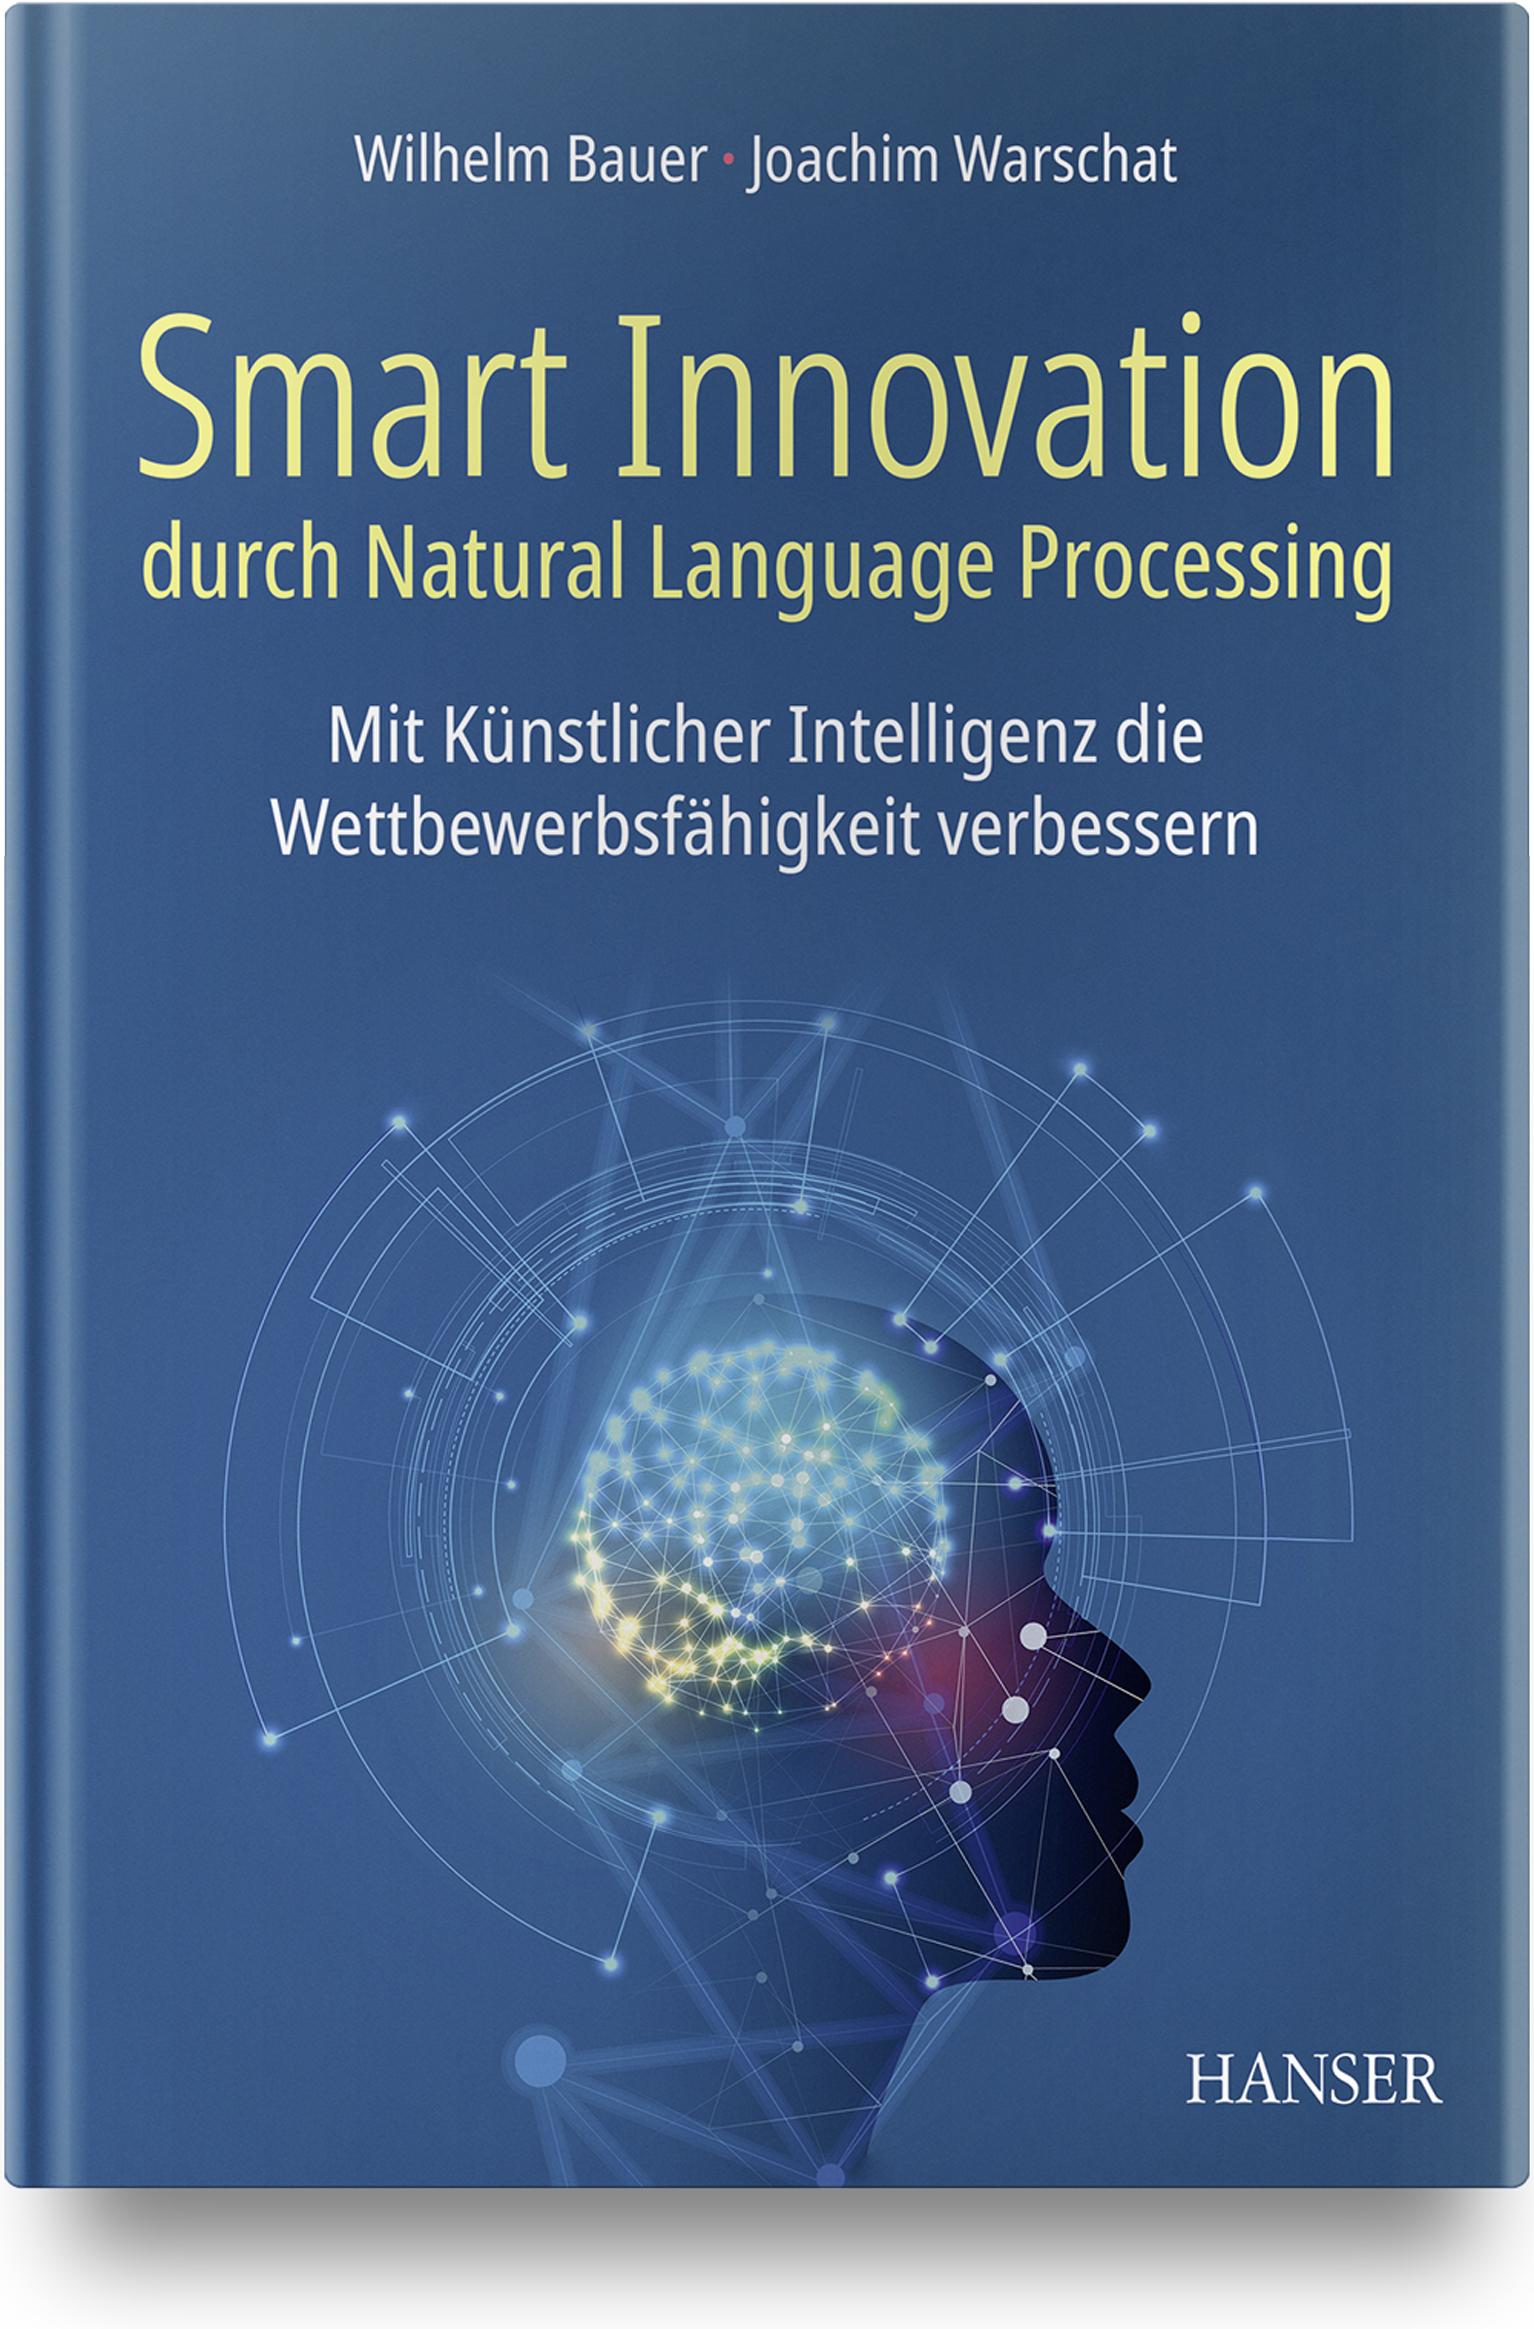 Bauer, Warschat, Innovation durch Natural Language Processing, 978-3-446-46262-5